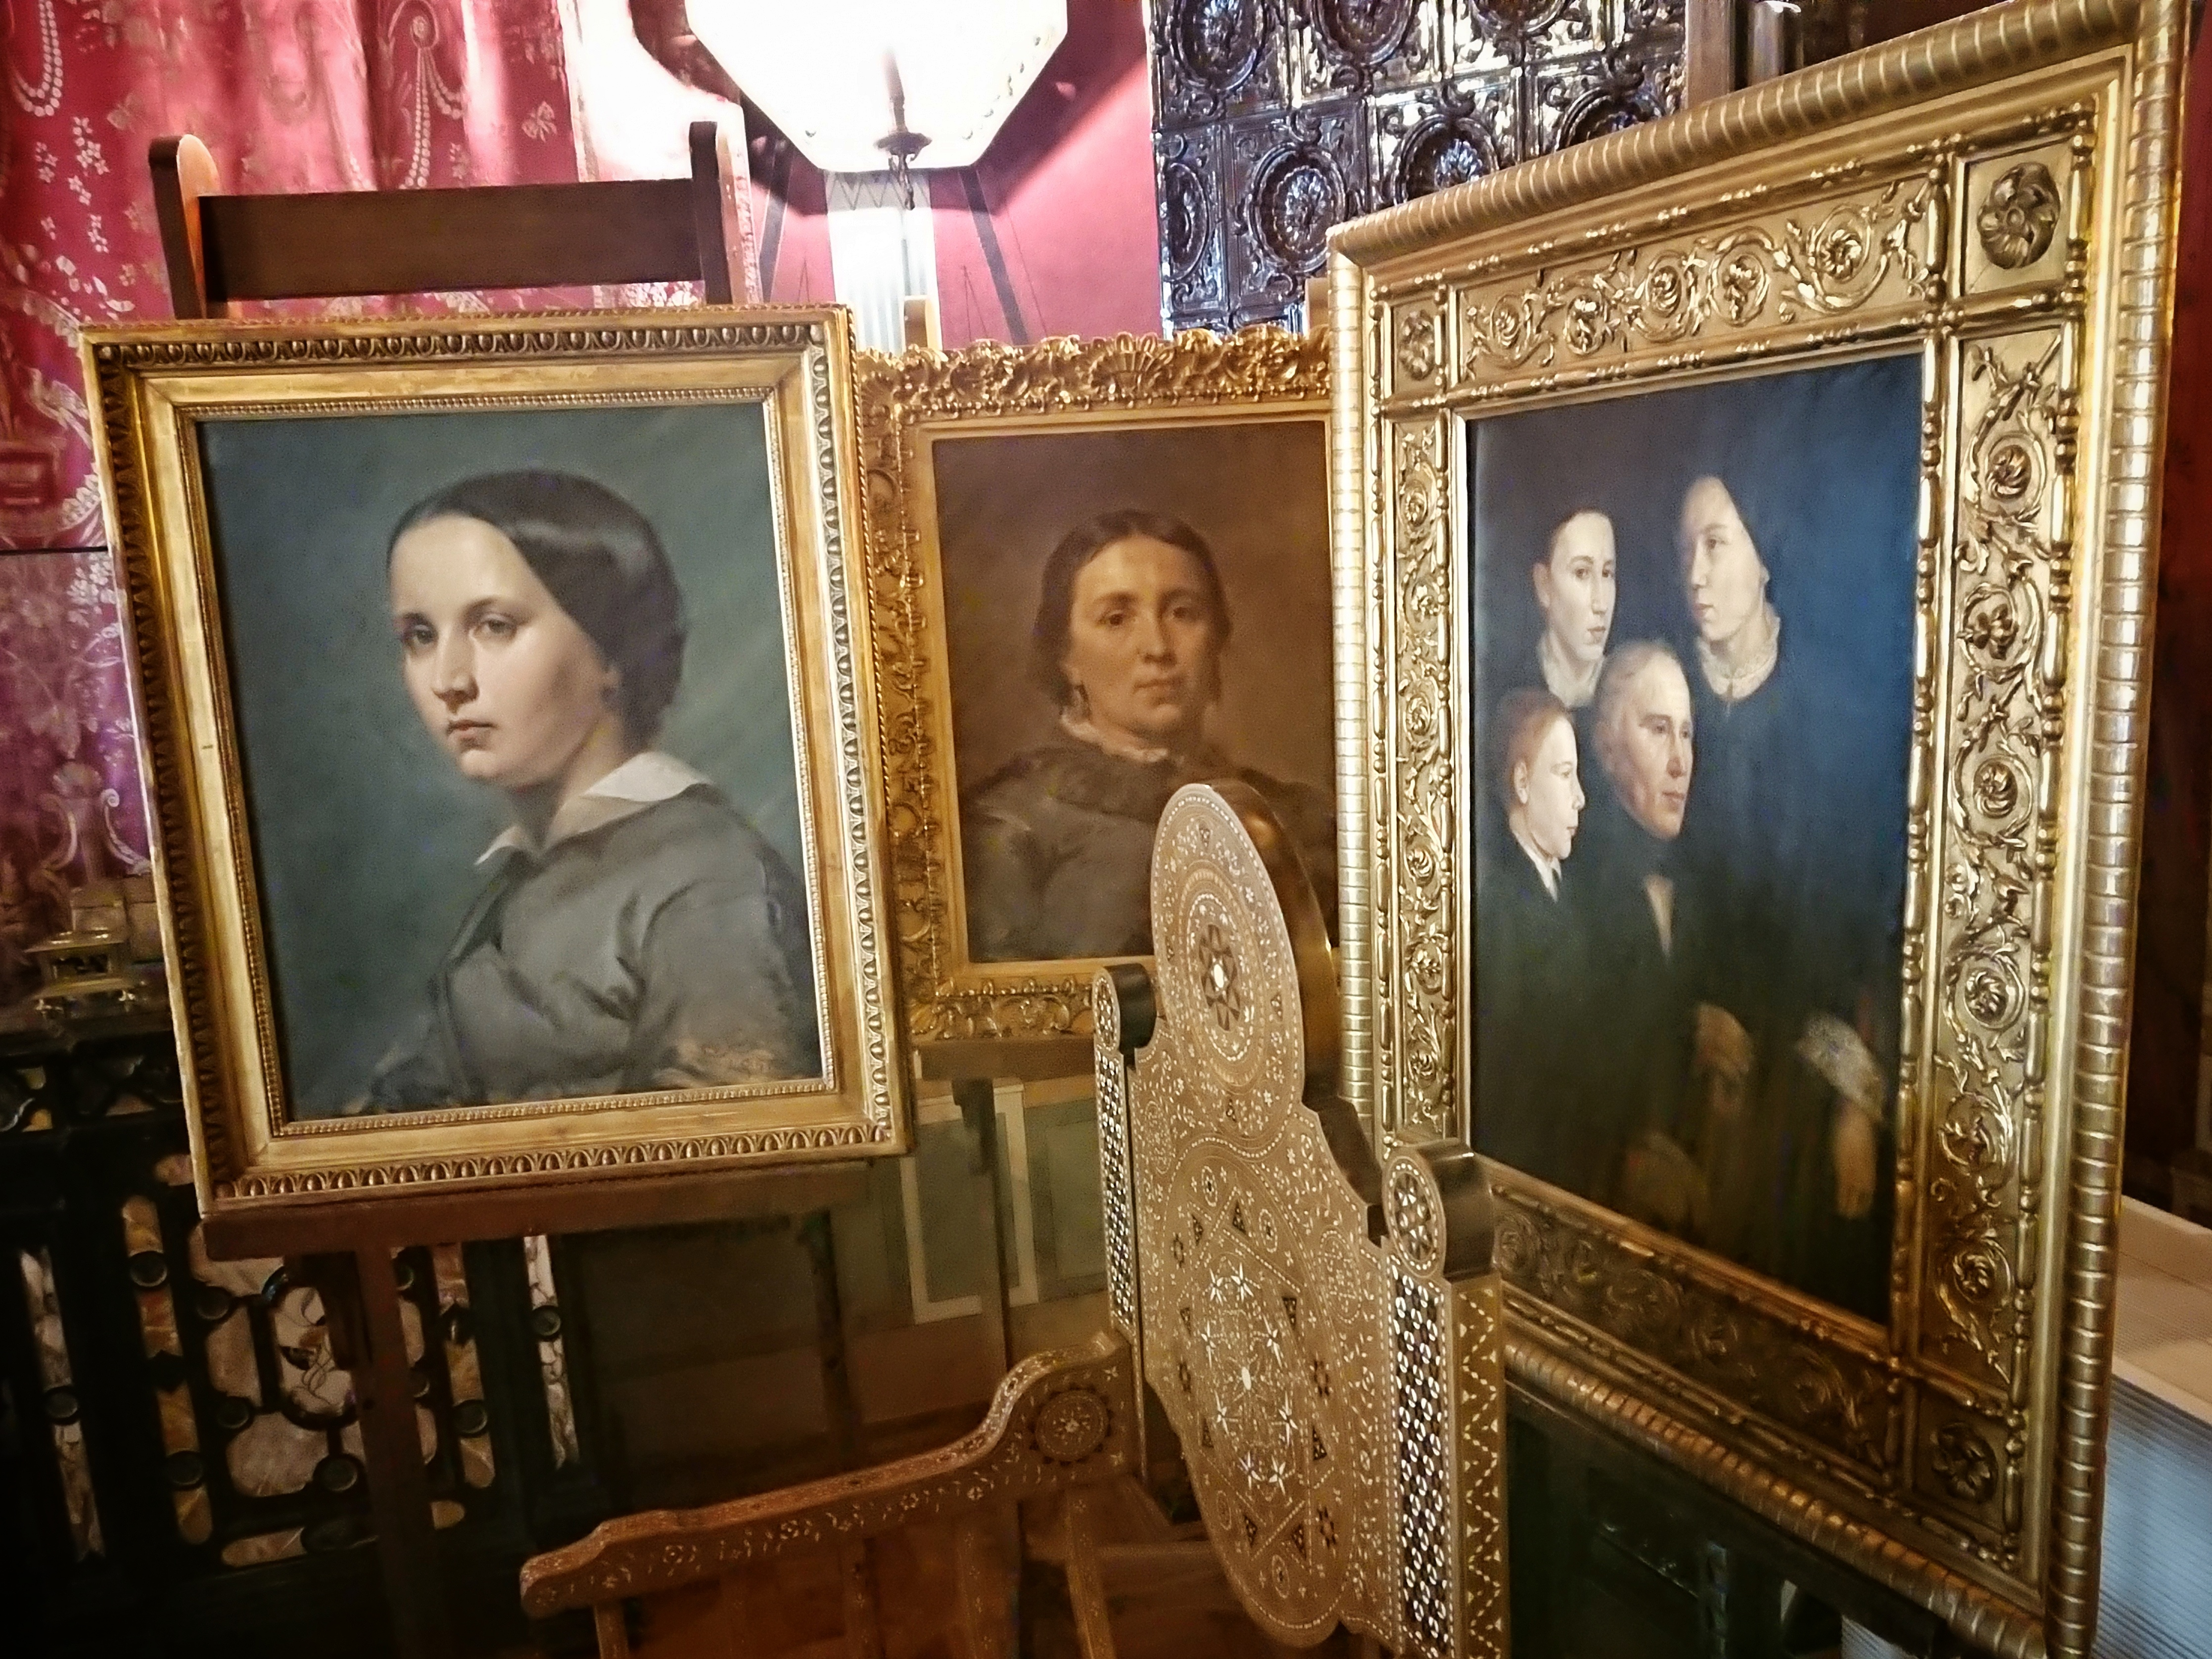 Fragment aktualnej wystawy w Muzeum Jana Matejki. Na portrecie grupowym jest przedstawiony ojciec Jana Matejki - Franciszek Ksawery Matejko, sam Jan (w lewym górnym rogu) i dwójka jego rodzeństwa, źródło: archiwum autorki